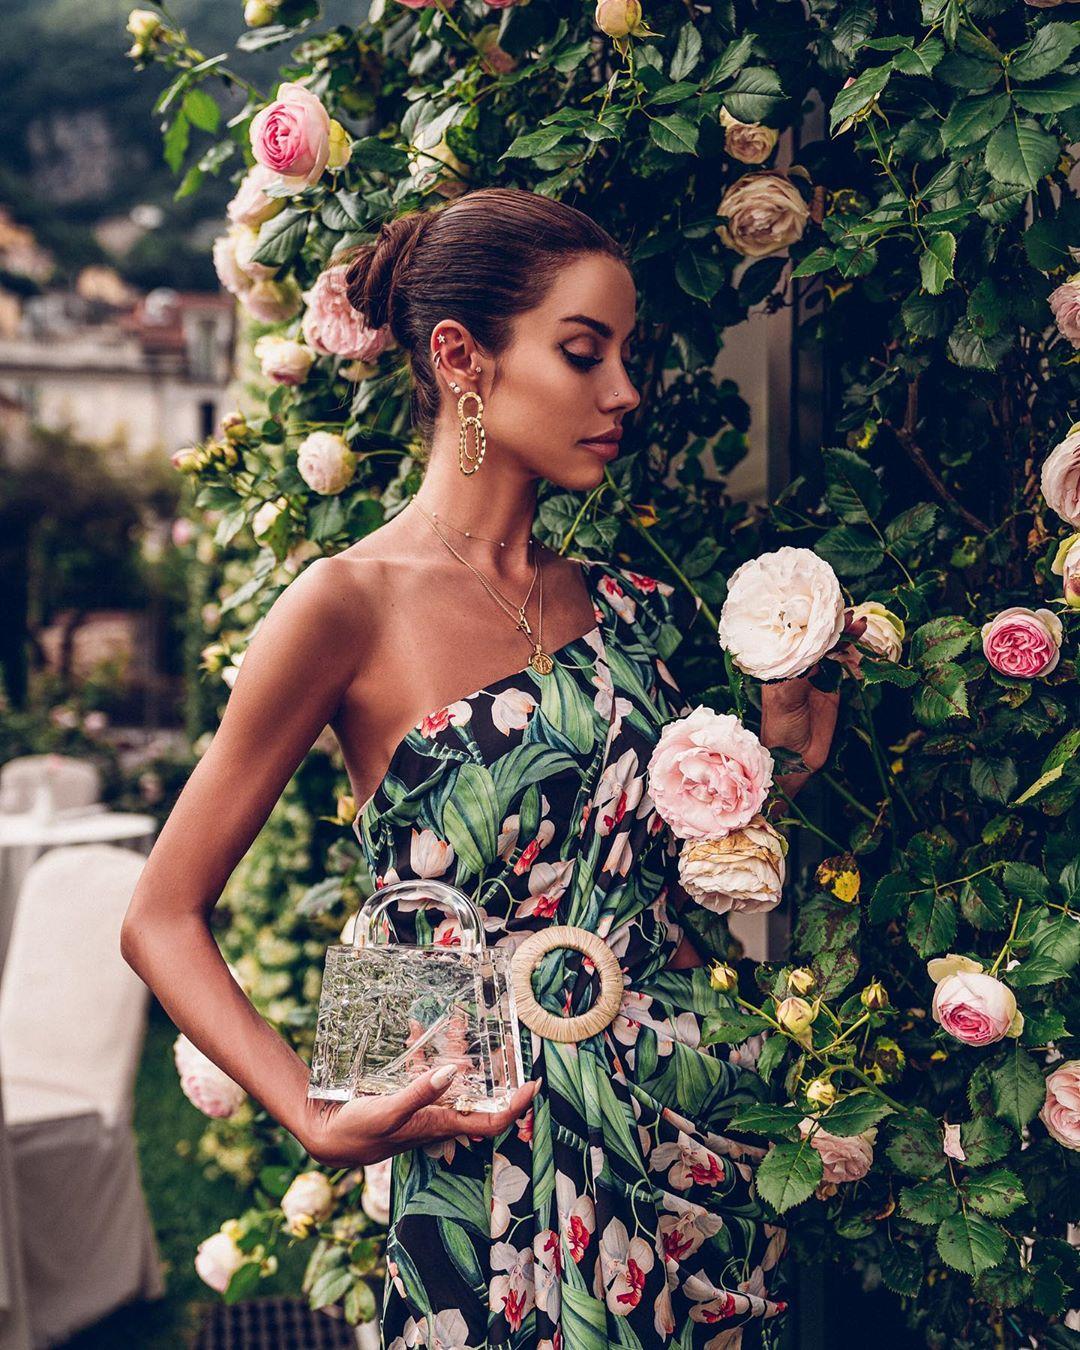 модный летние образы с цветочным принтом фото 4